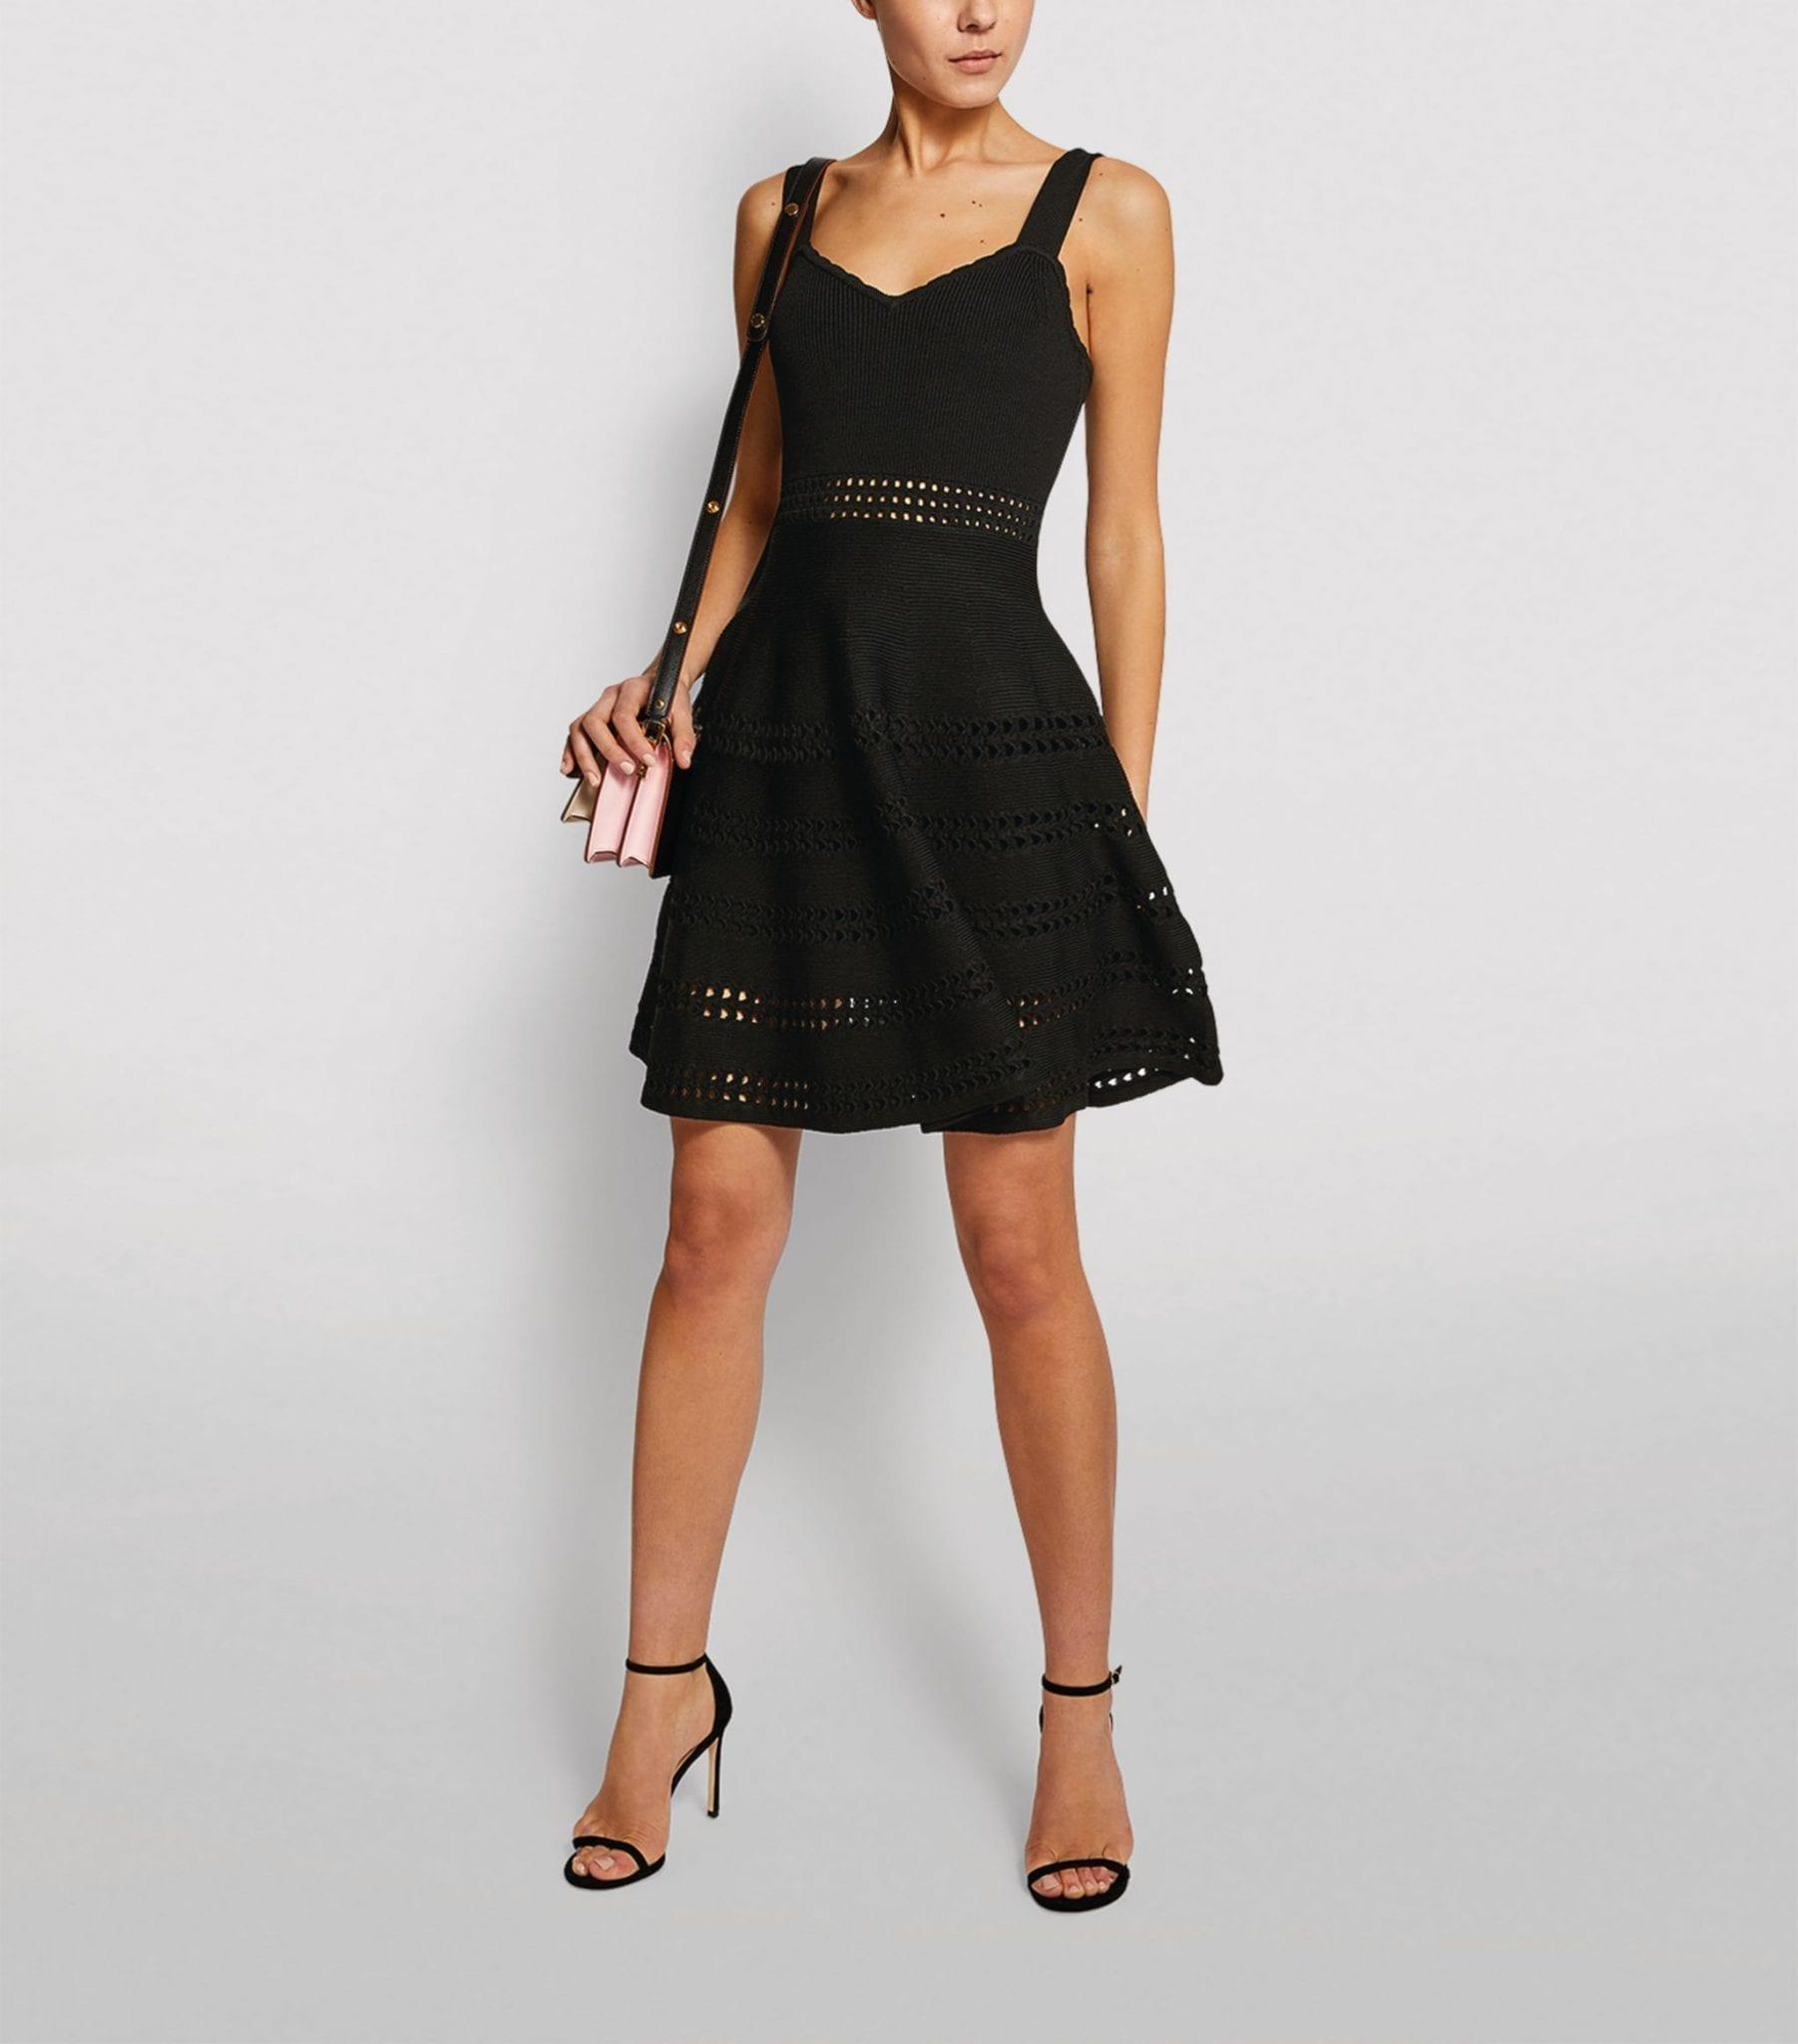 MAJE Cut-Out A-Line Dress